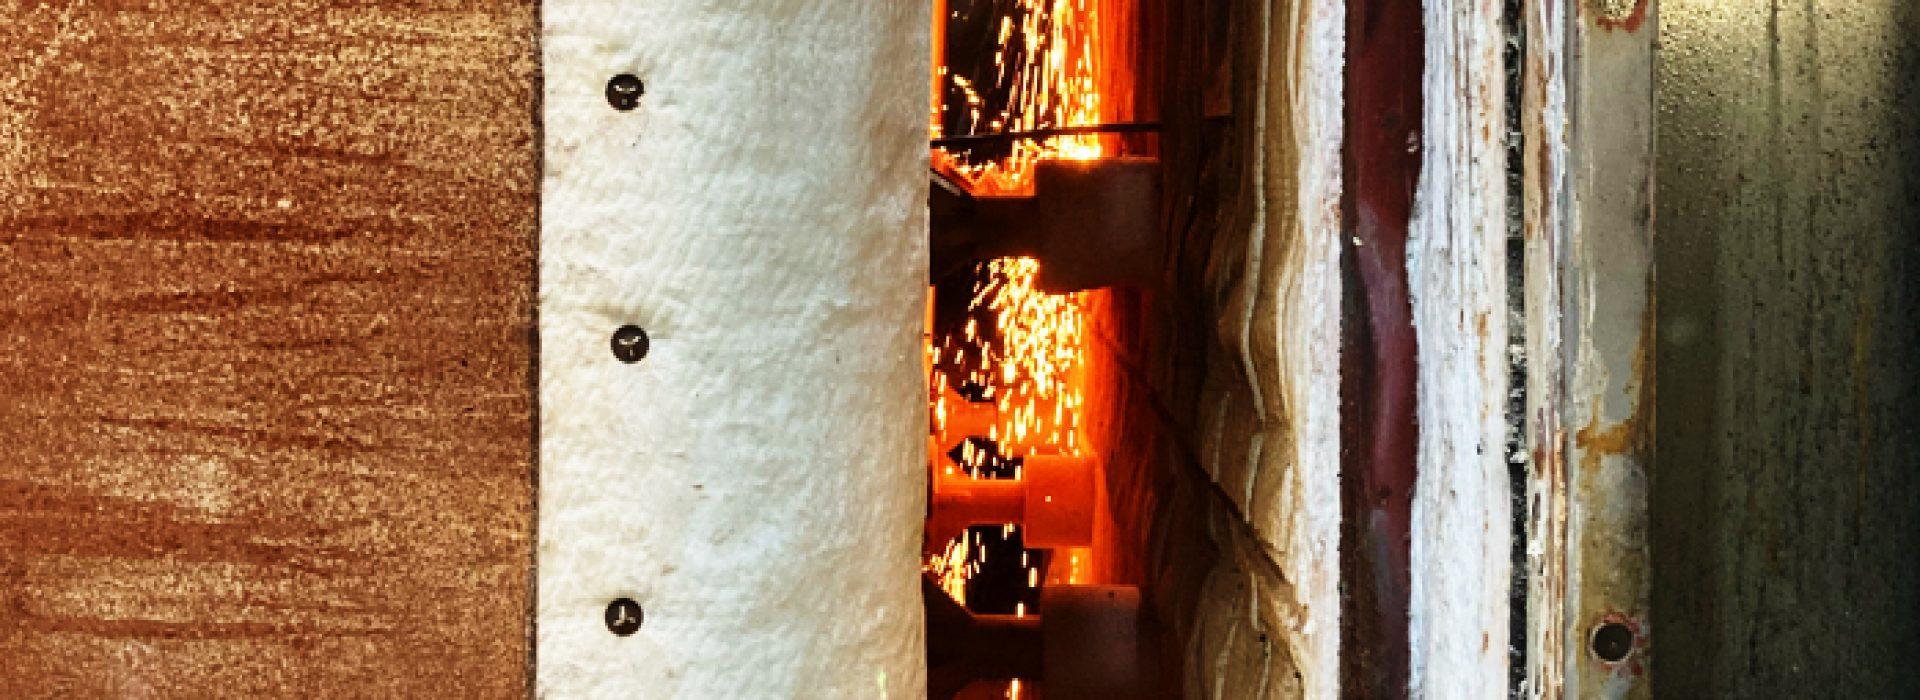 Kesseltausch in der Feuerverzinkung Judenburg